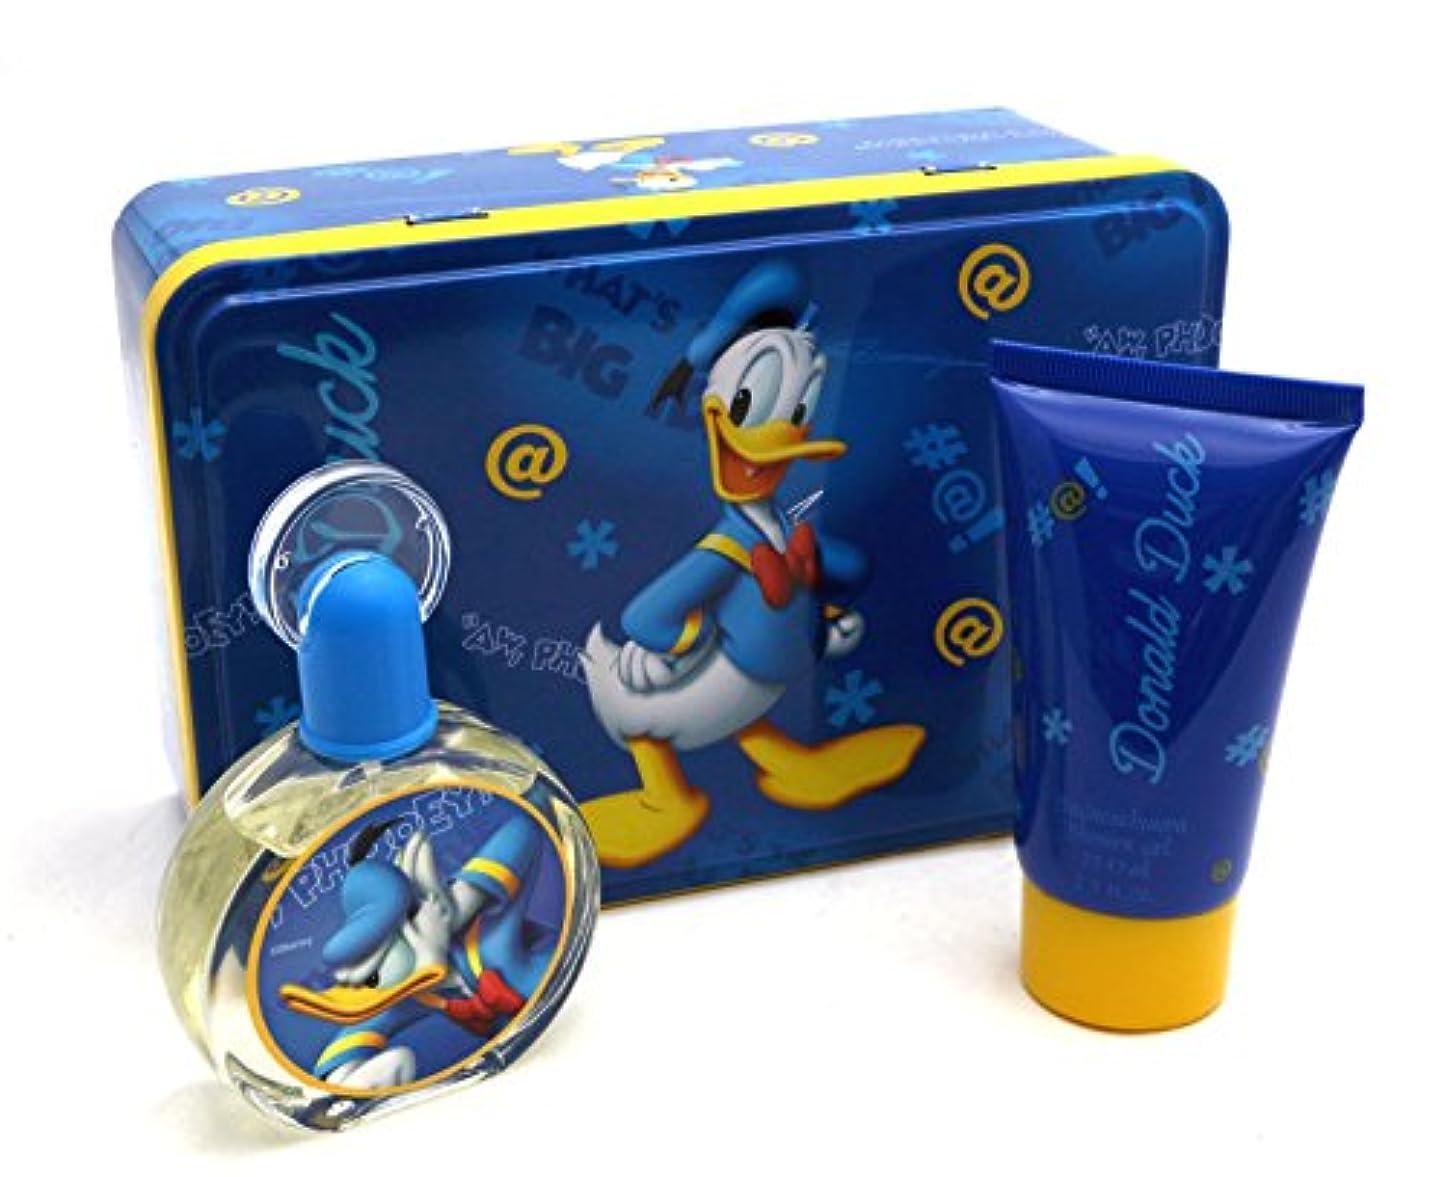 ハシー中断乗ってDonald Duck (ドナルドダック) 1.7 oz (50ml) EDT Spray + 2.5 oz (75ml) Shower Gel by Disney